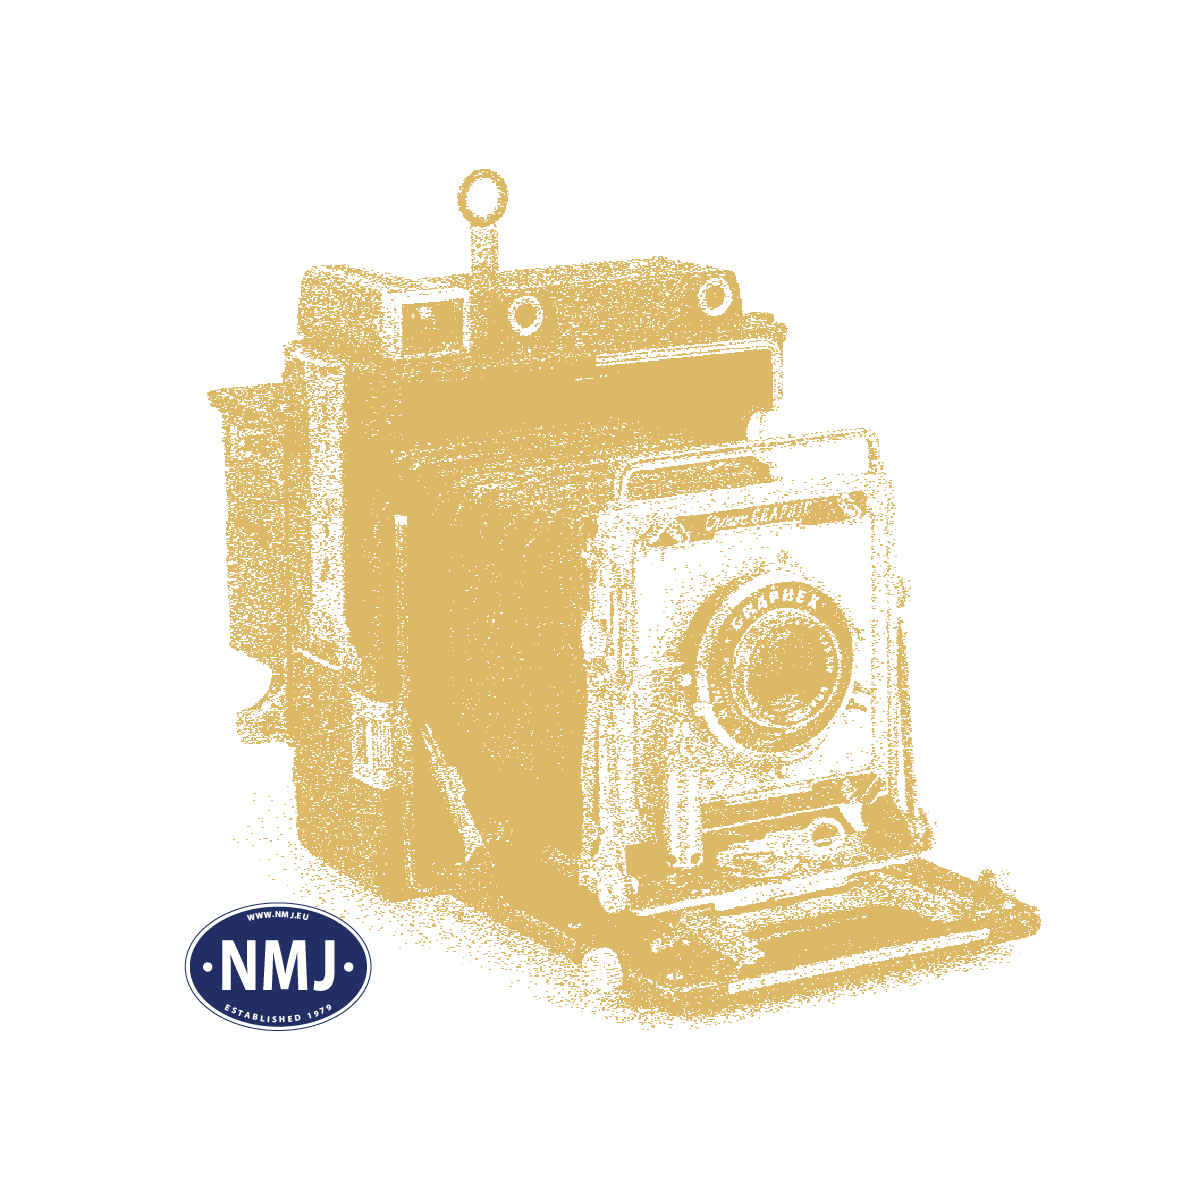 NMJ0TL3-4 - NMJ Superline NSB Tl3 10462, 0-Scala